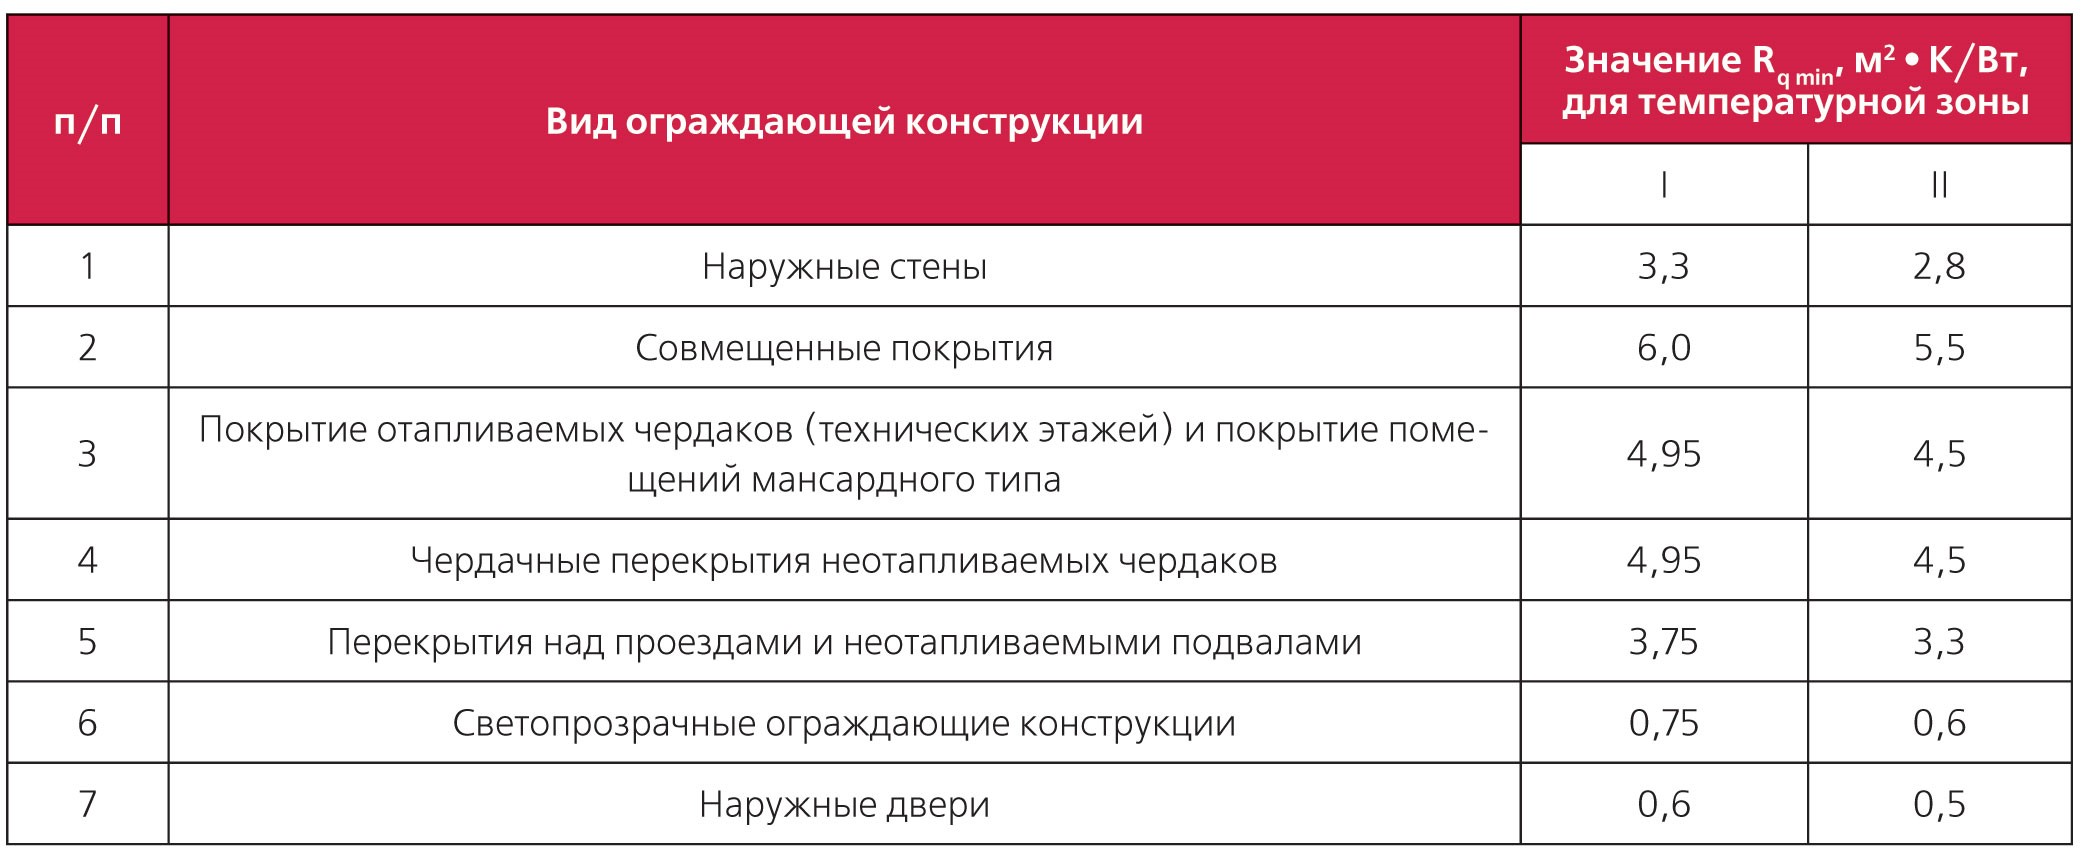 Классификация ограждающих конструкций